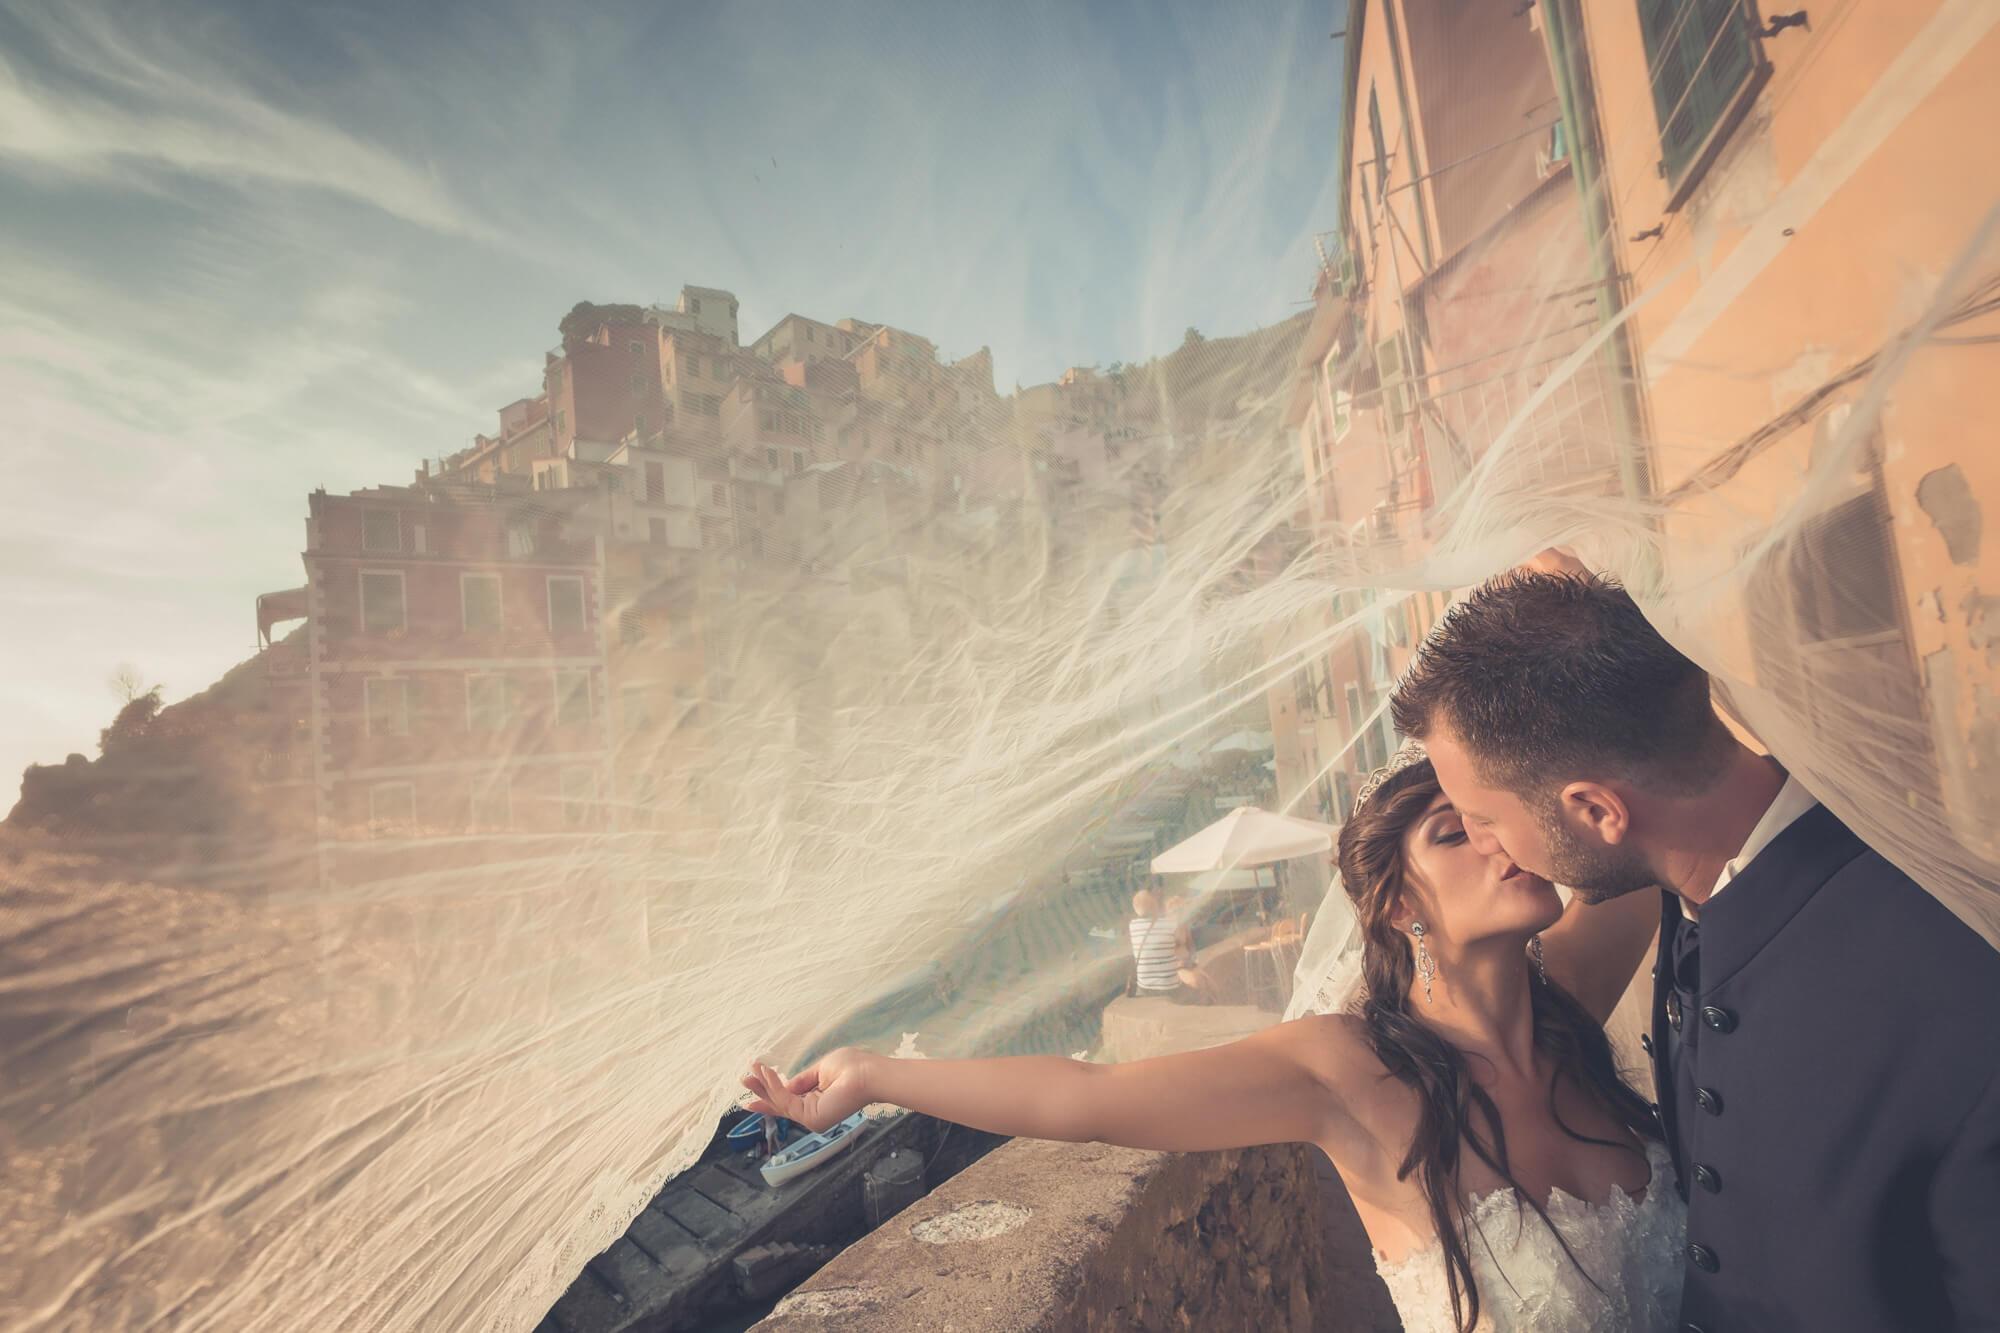 Matrimonio a Riomaggiore Wedding in Riomaggiore 14